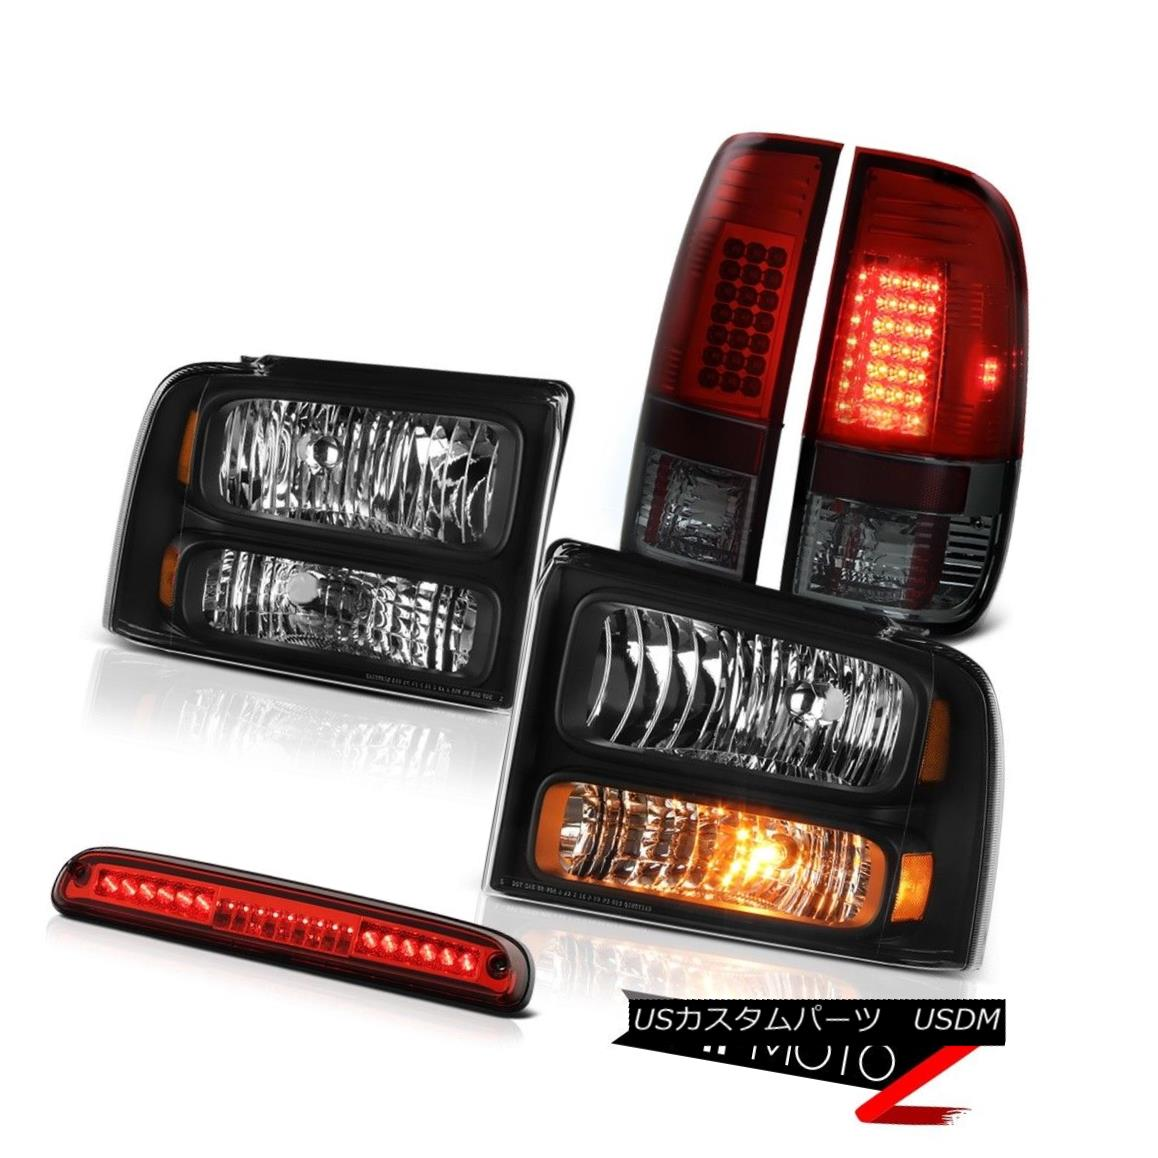 ヘッドライト 05 06 07 F450 F550 Left Right Headlights Smokey Red Tail Lights Third Brake LED 05 06 07 F450 F550左ライトヘッドライトスモーキーレッドテールライト第3ブレーキLED